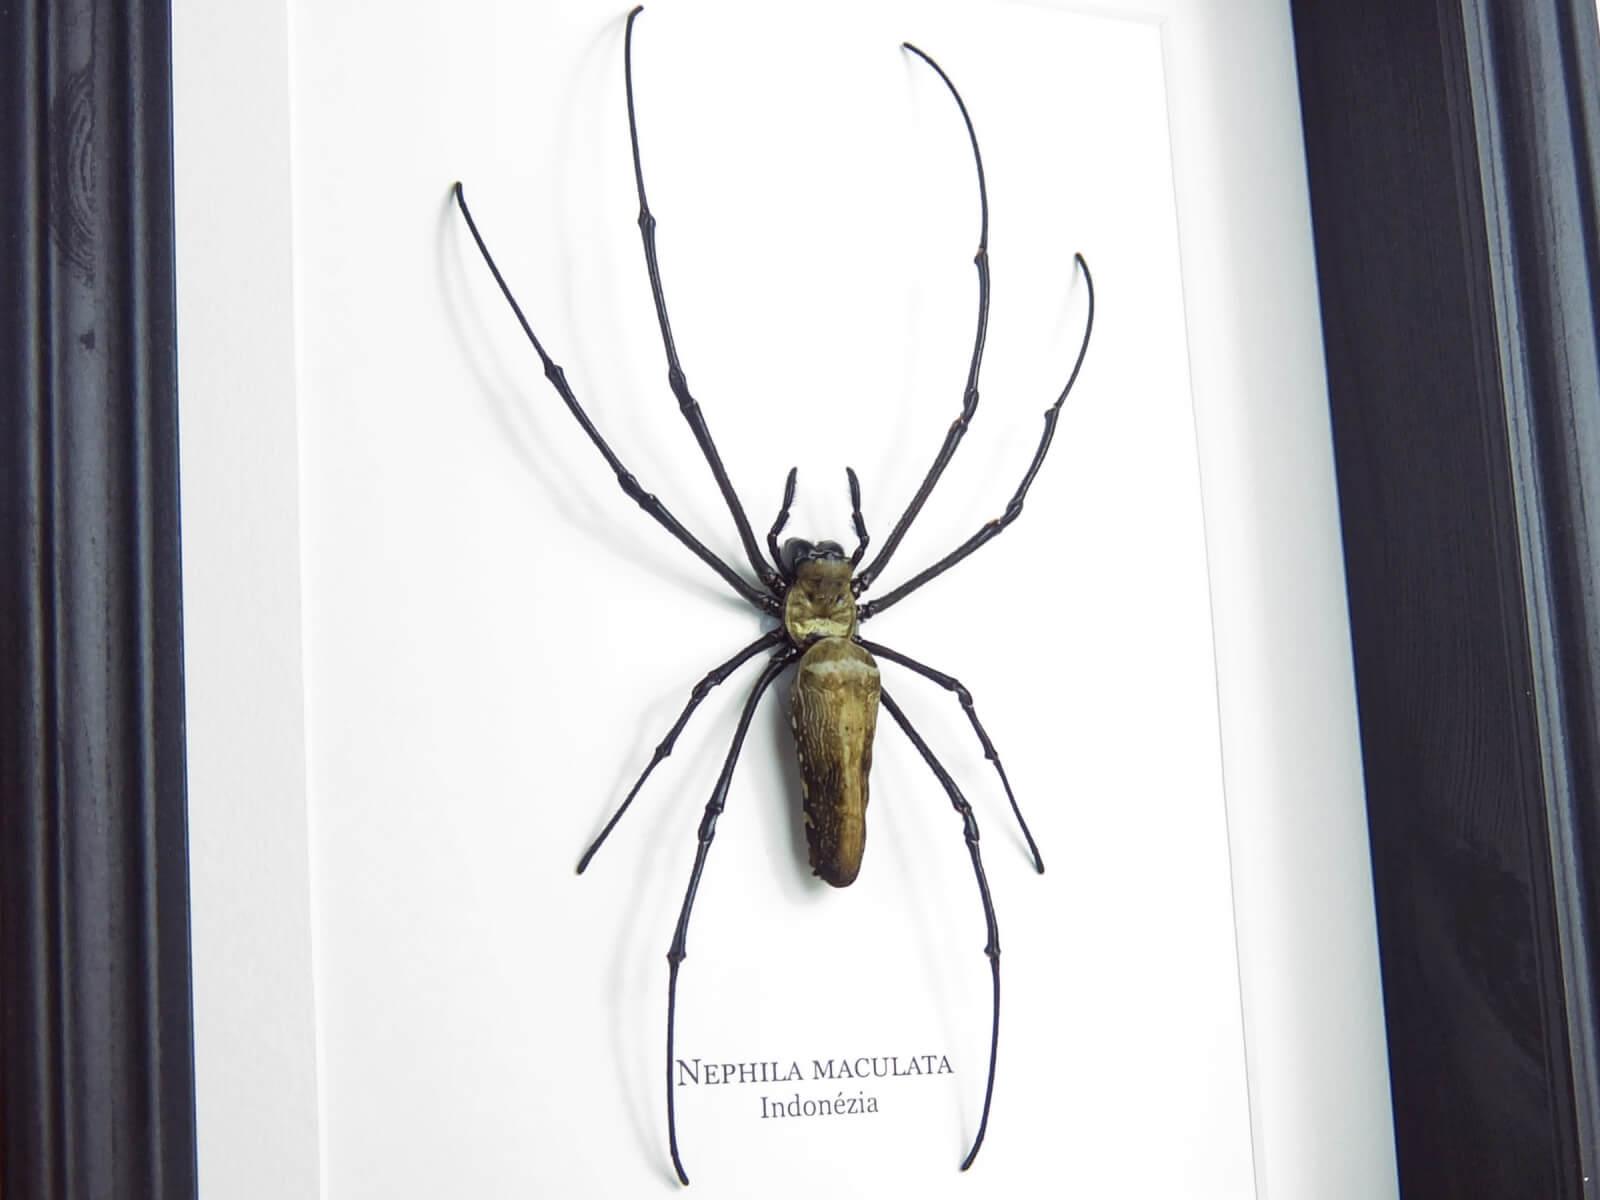 Nephila maculata, fekete keretben | #2263